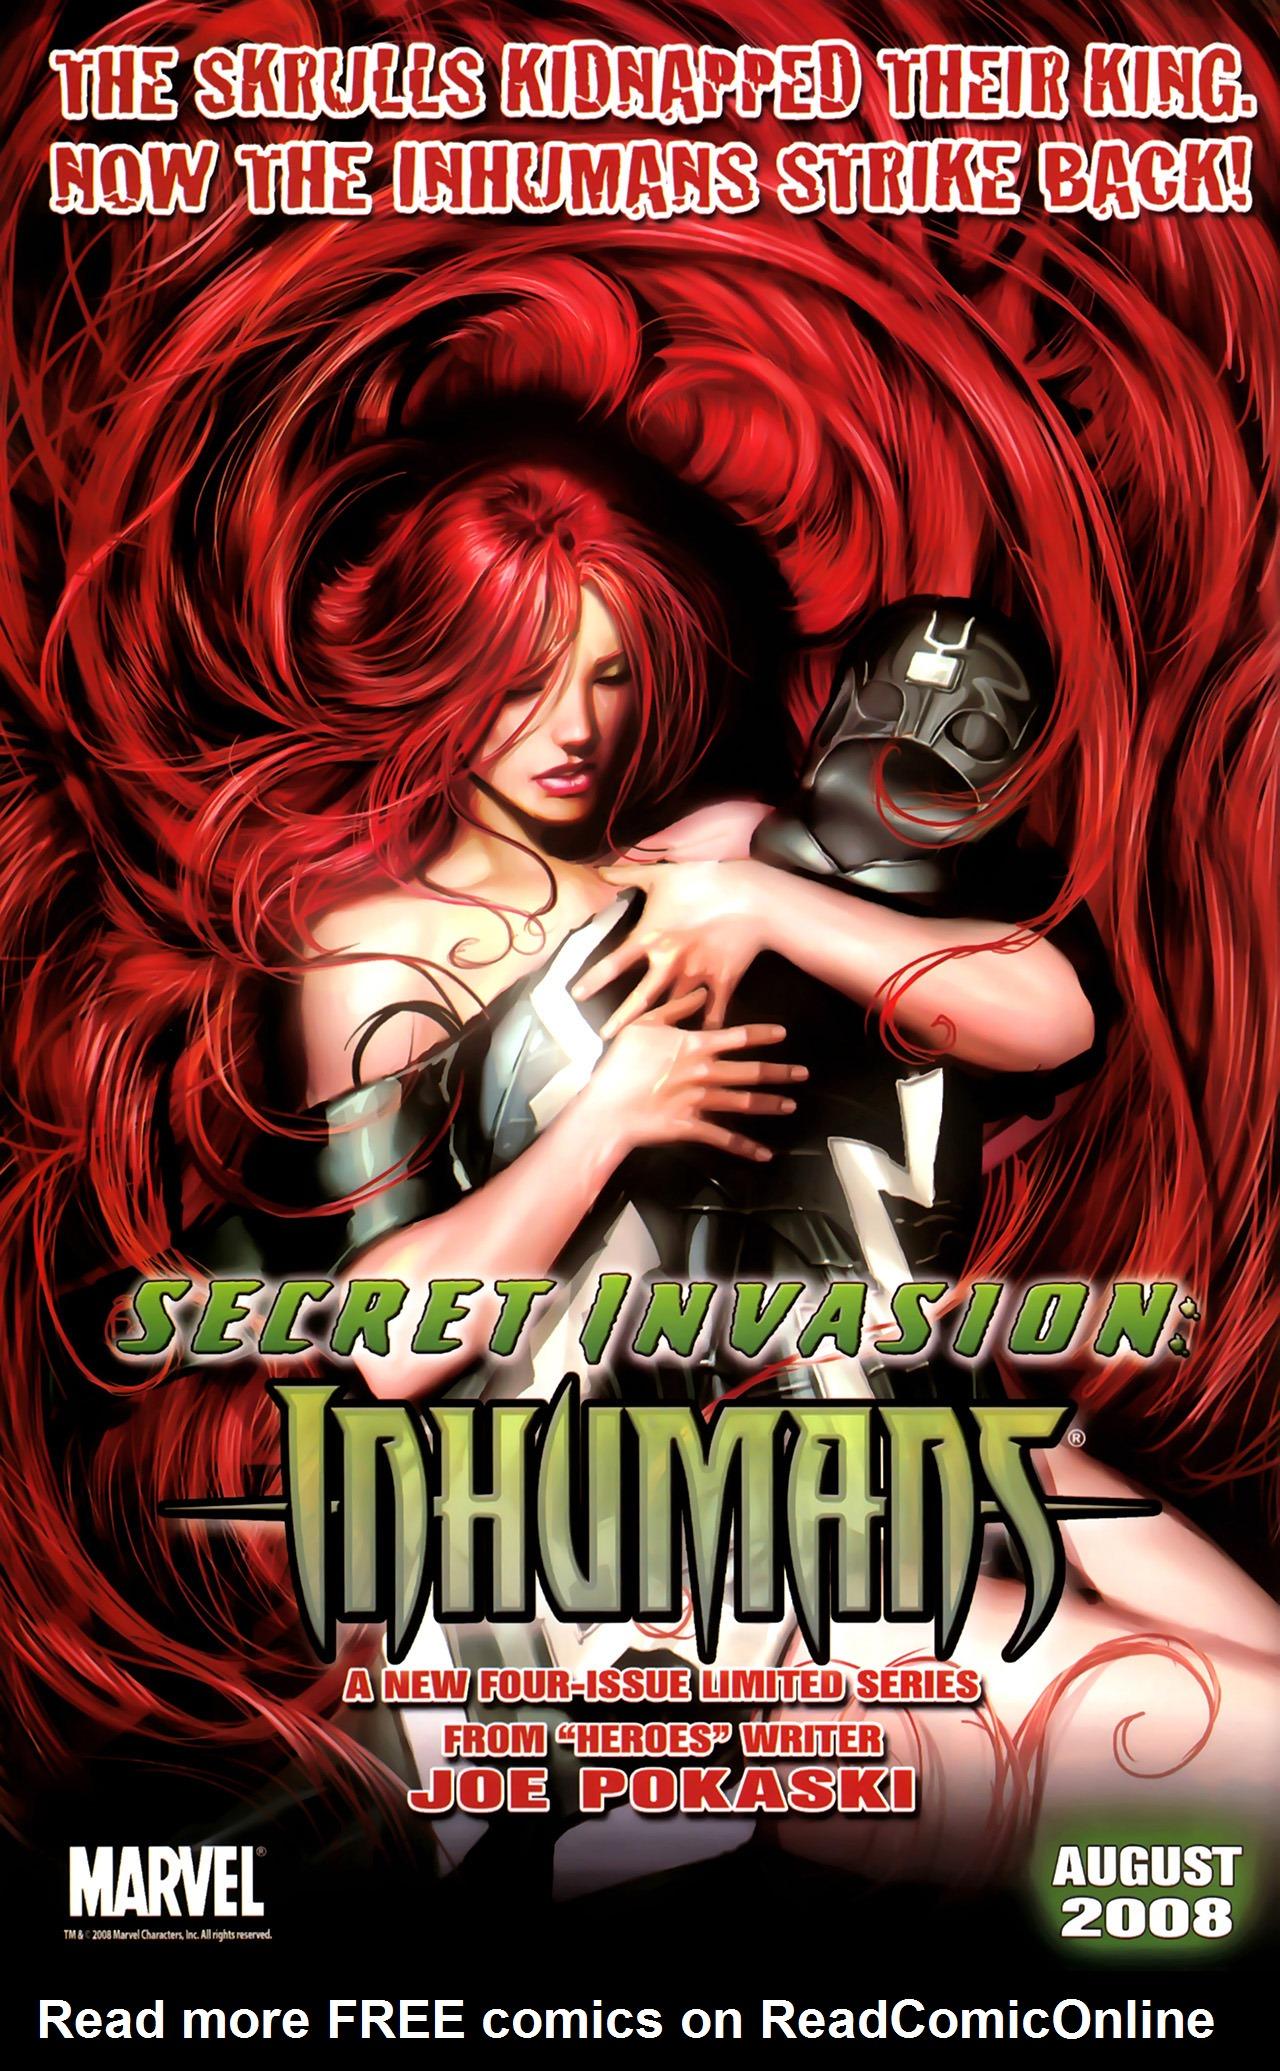 Read online Skrulls! comic -  Issue # Full - 61